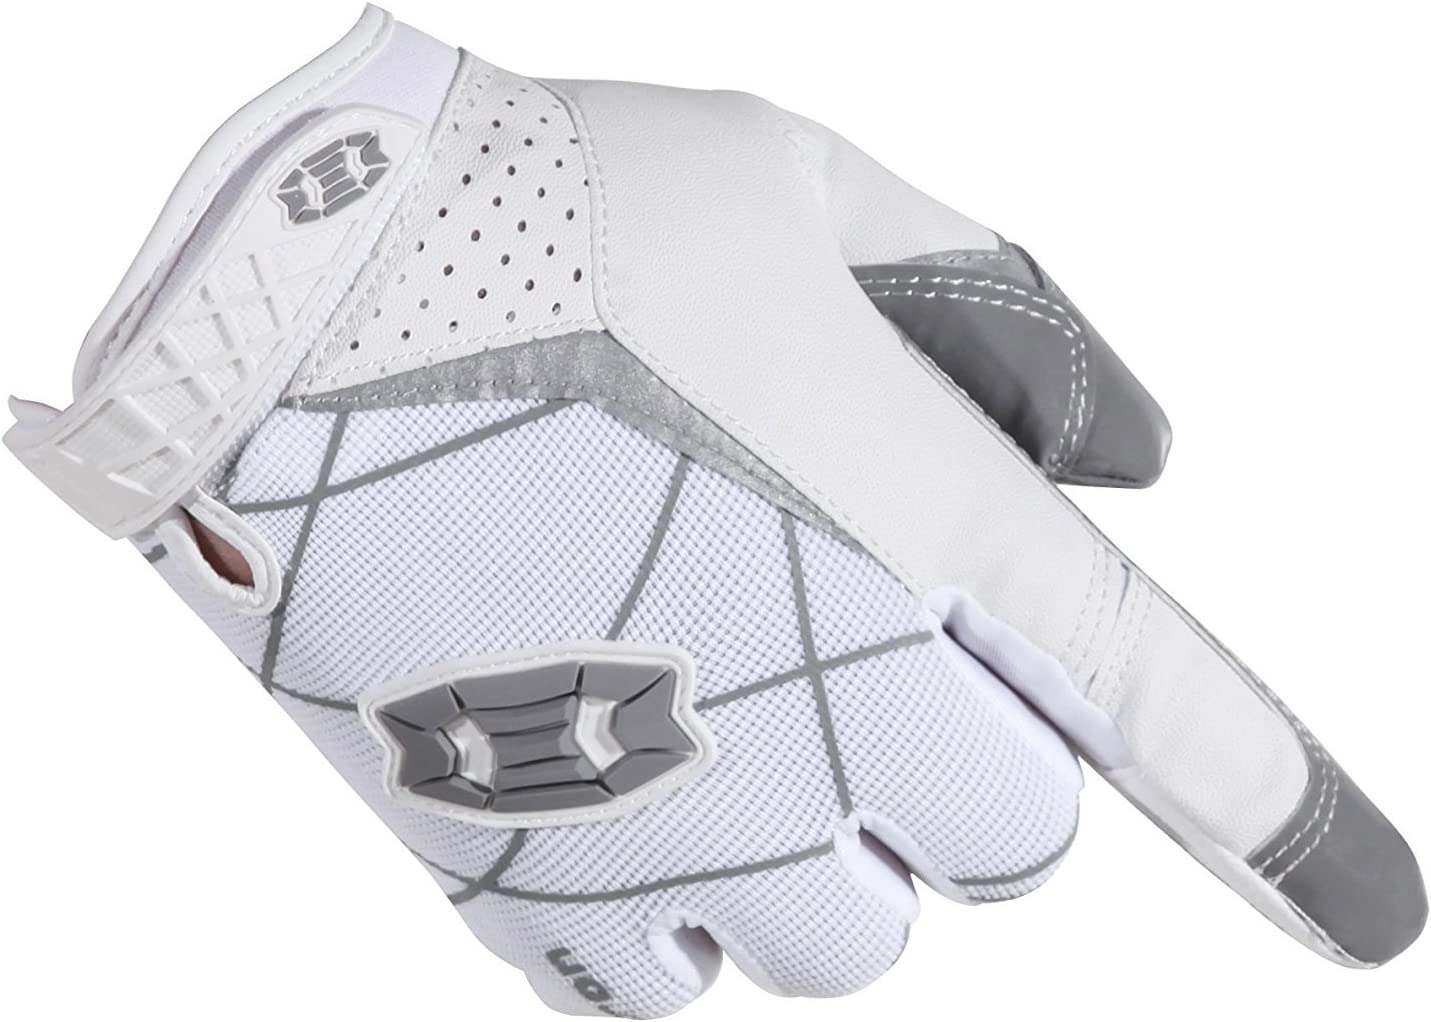 Seibertron Pro 3.0 Elite Ultra-Stick Sports Am/éricain De Receveur//Receiver Gloves//Gants De Football Jeune et Adulte